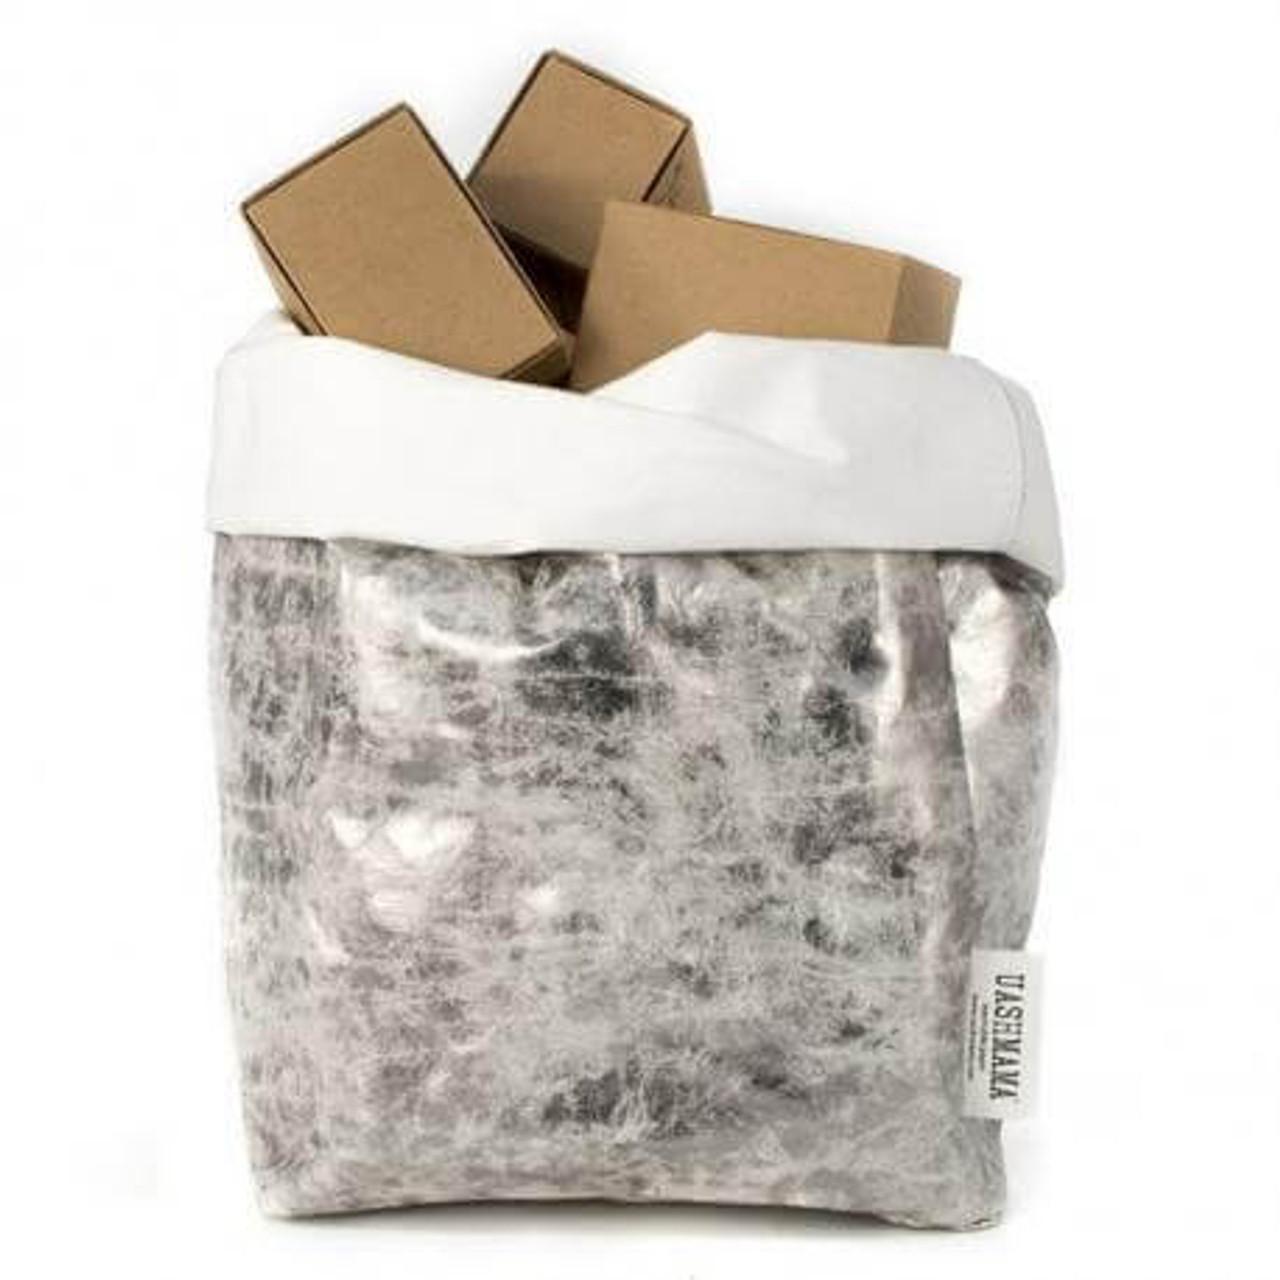 UASHMAMA medium organic paper bags nuvola